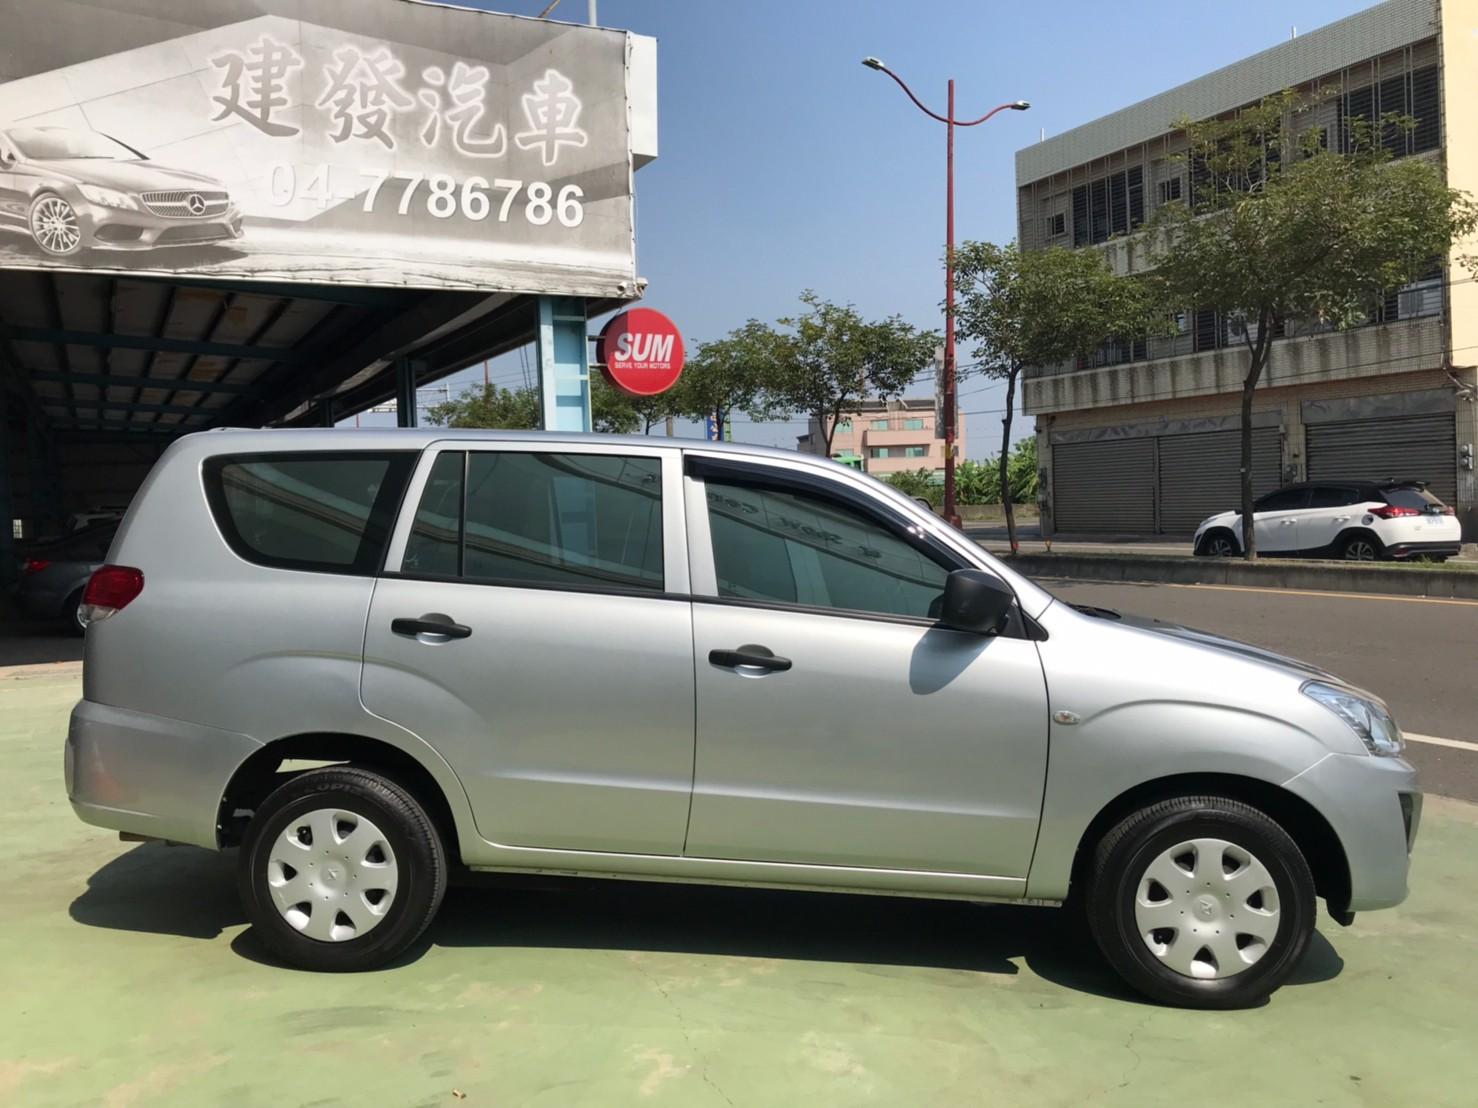 2018勁歌 銀 里程保證4萬多 優質商用車 39.8萬  可認證_210828_2